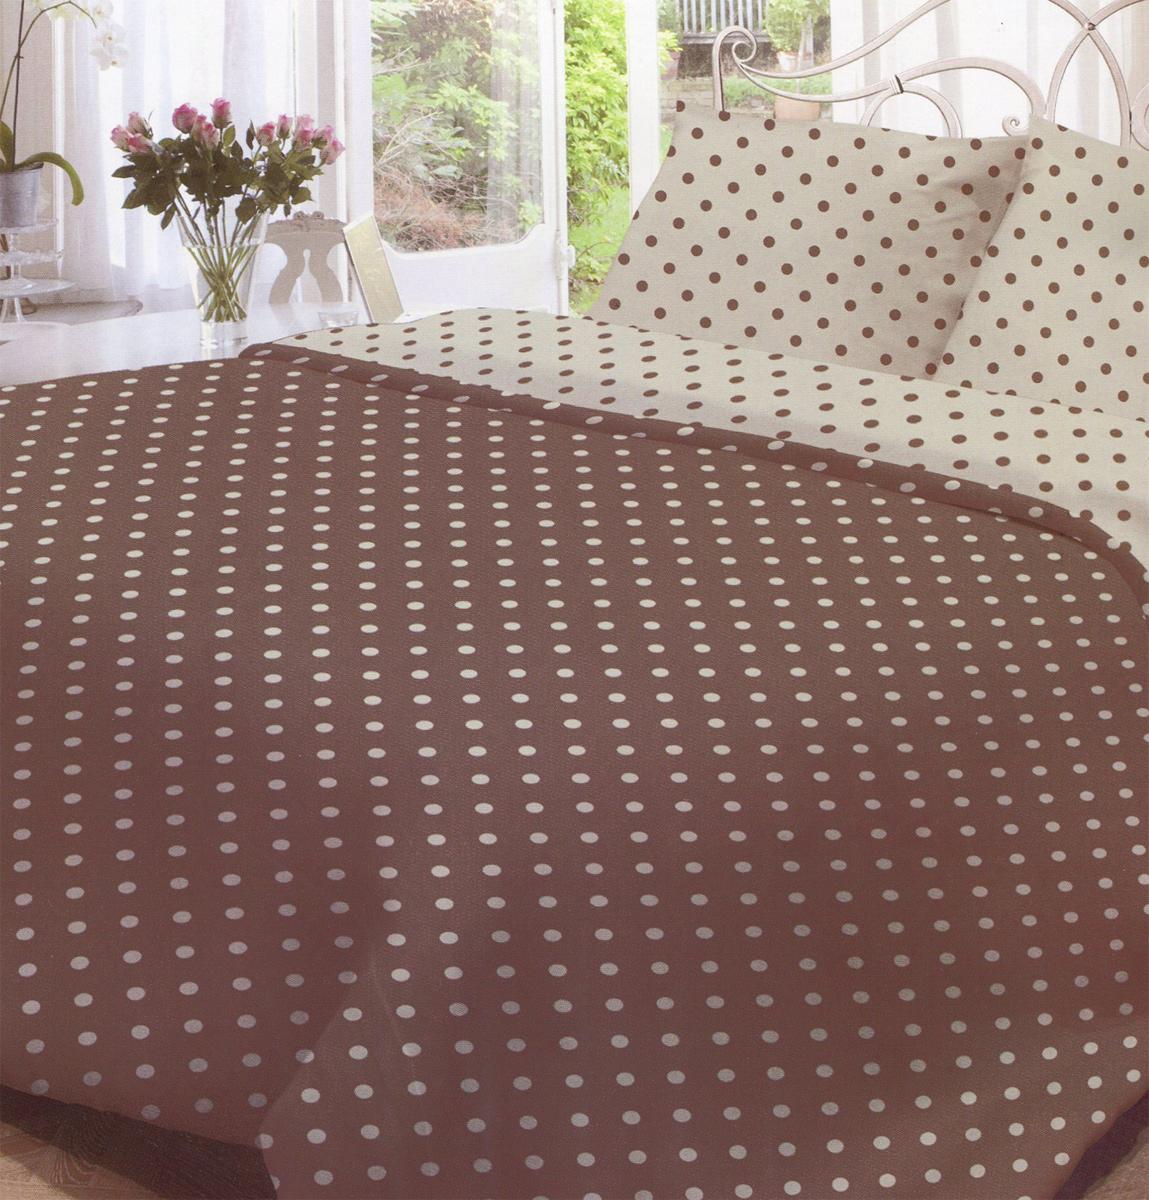 Комплект белья Нежность Мадлена, 2-спальный, наволочки 70x70, цвет: серый, коричневый191286Комплект белья Нежность Мадлена, изготовленный из бязи (100% хлопка), состоит из пододеяльника, простыни и двух наволочек. Бязевое постельное белье имеет самое простое полотняное переплетение из достаточно толстых, но мягких нитей. Стоит постельное белье из этой ткани не намного дороже поликоттона или полиэфира, но приятней на ощупь и лучше пропускает воздух. Благодаря современным технологиям окраски, белье не теряет свой цвет даже после множества стирок. Рекомендации по уходу: - Стирка при температуре не более 60°С, - Не отбеливать, - Можно гладить, - Химчистка запрещена.